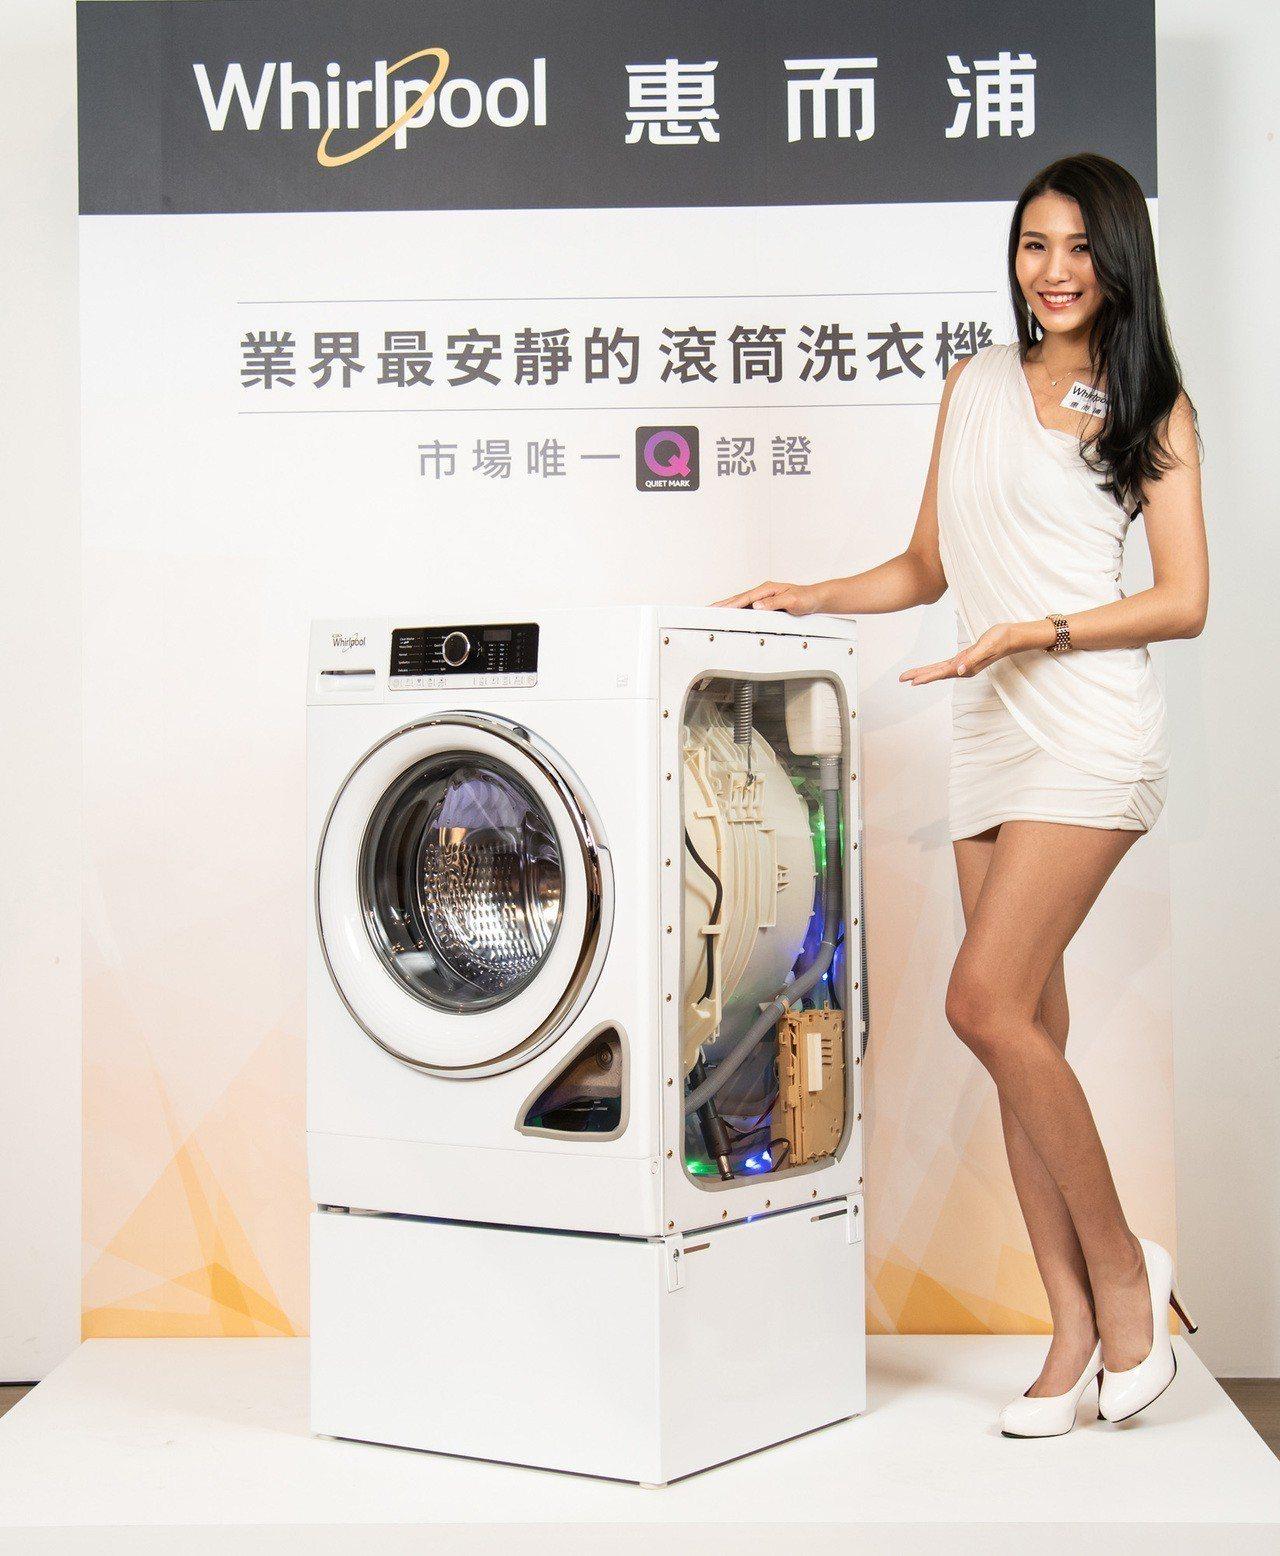 米蘭之星滾筒洗衣機採用DD直驅變頻馬達,轉速高、震動值趨近於零,洗衣脫水都超安靜...